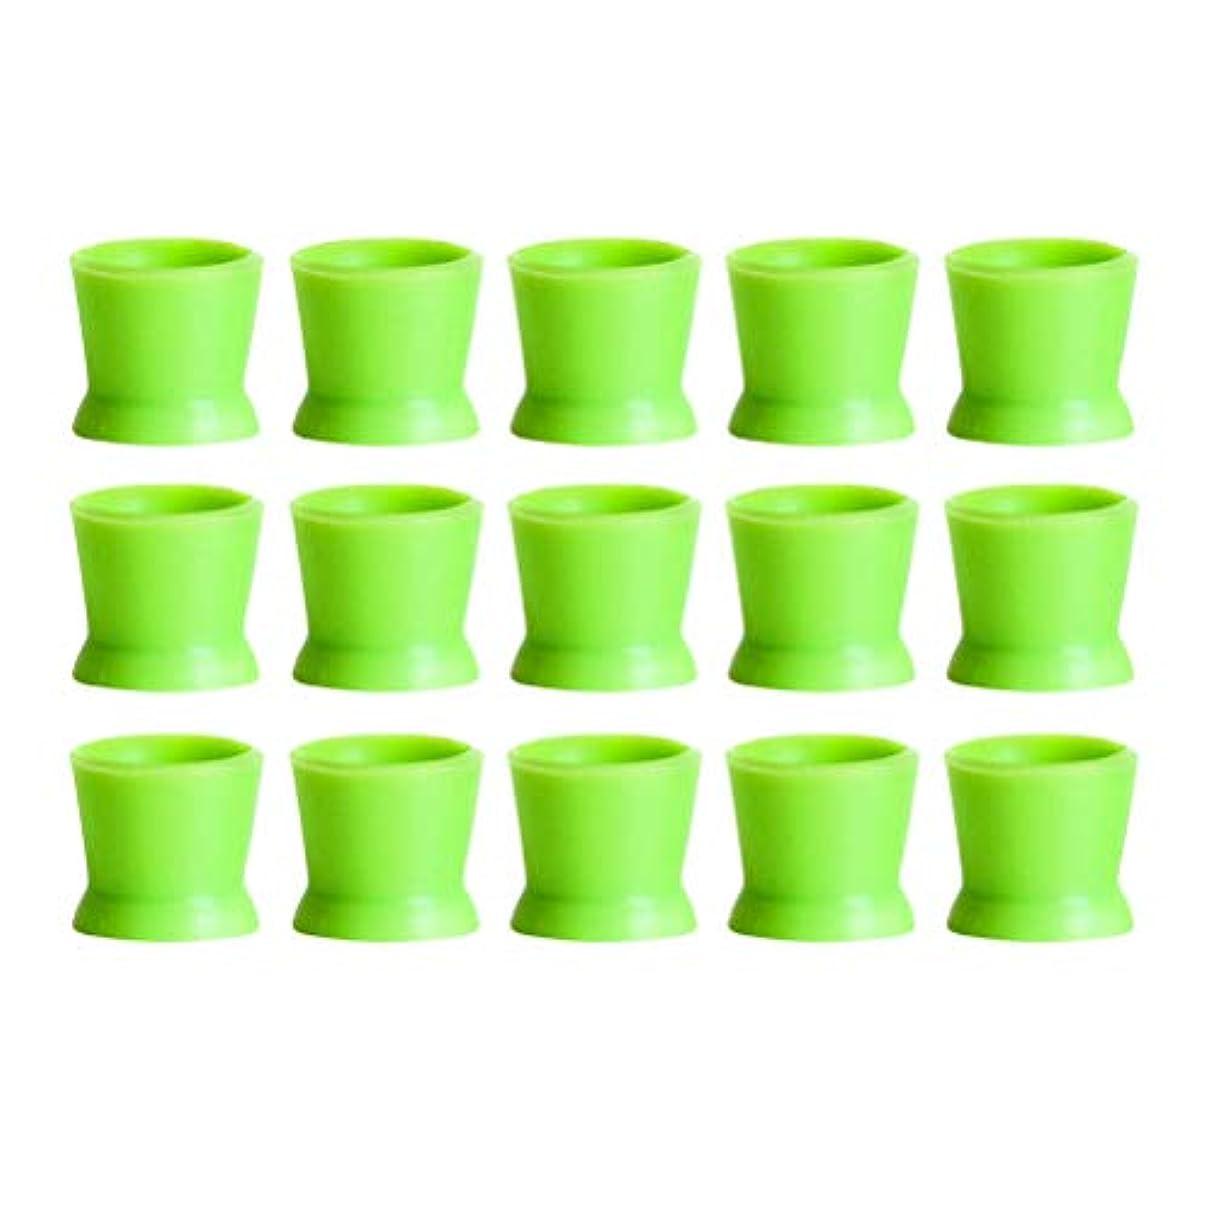 柔らかい二週間警報Healifty 300PCSシリコンタトゥーインクカップ使い捨てマイクロブレーディングピグメントキャップホルダーコンテナ永久的なまつげメイクアップアイブロー(グリーン)